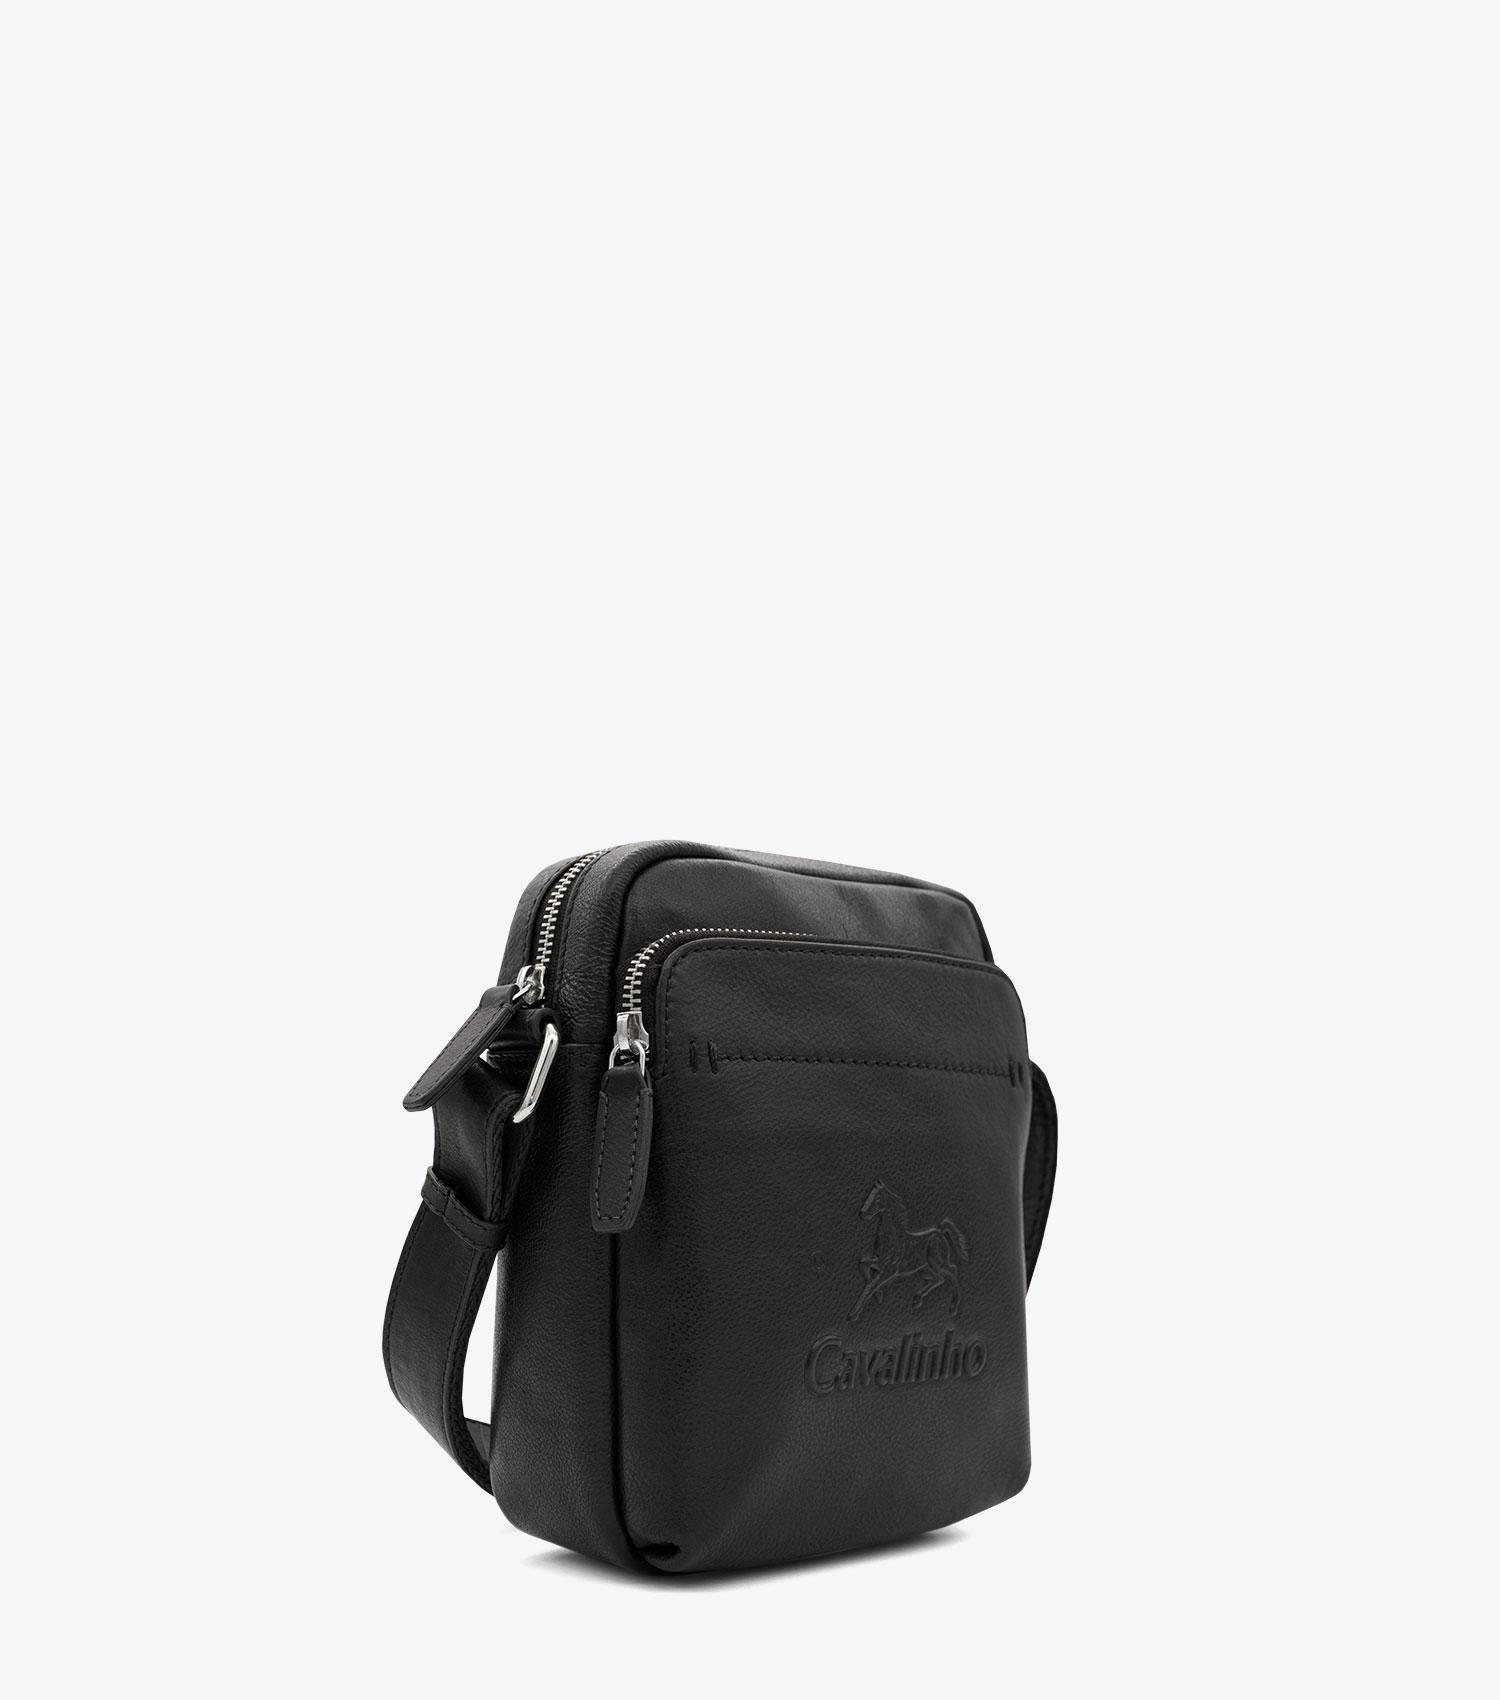 Gentleman Cross-body bag